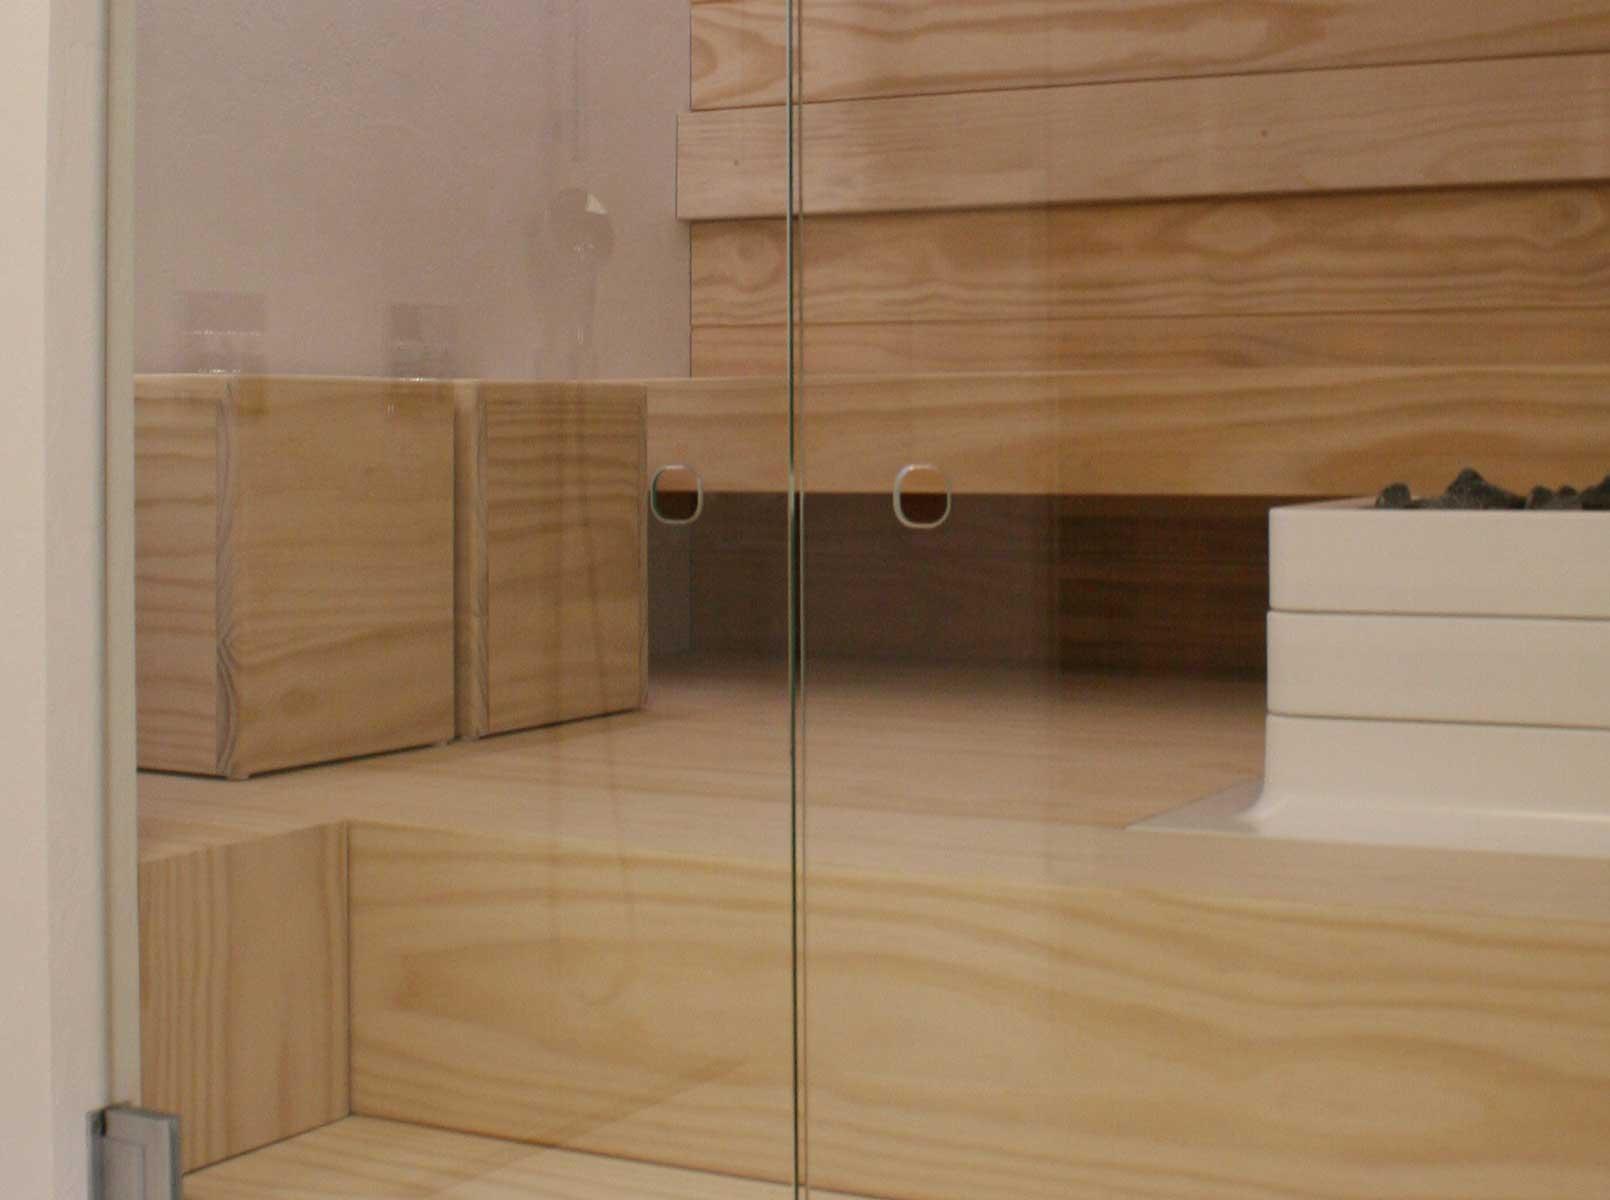 Accoyasta tehdyt lauteet saunassa sekä infrapunasaunassa